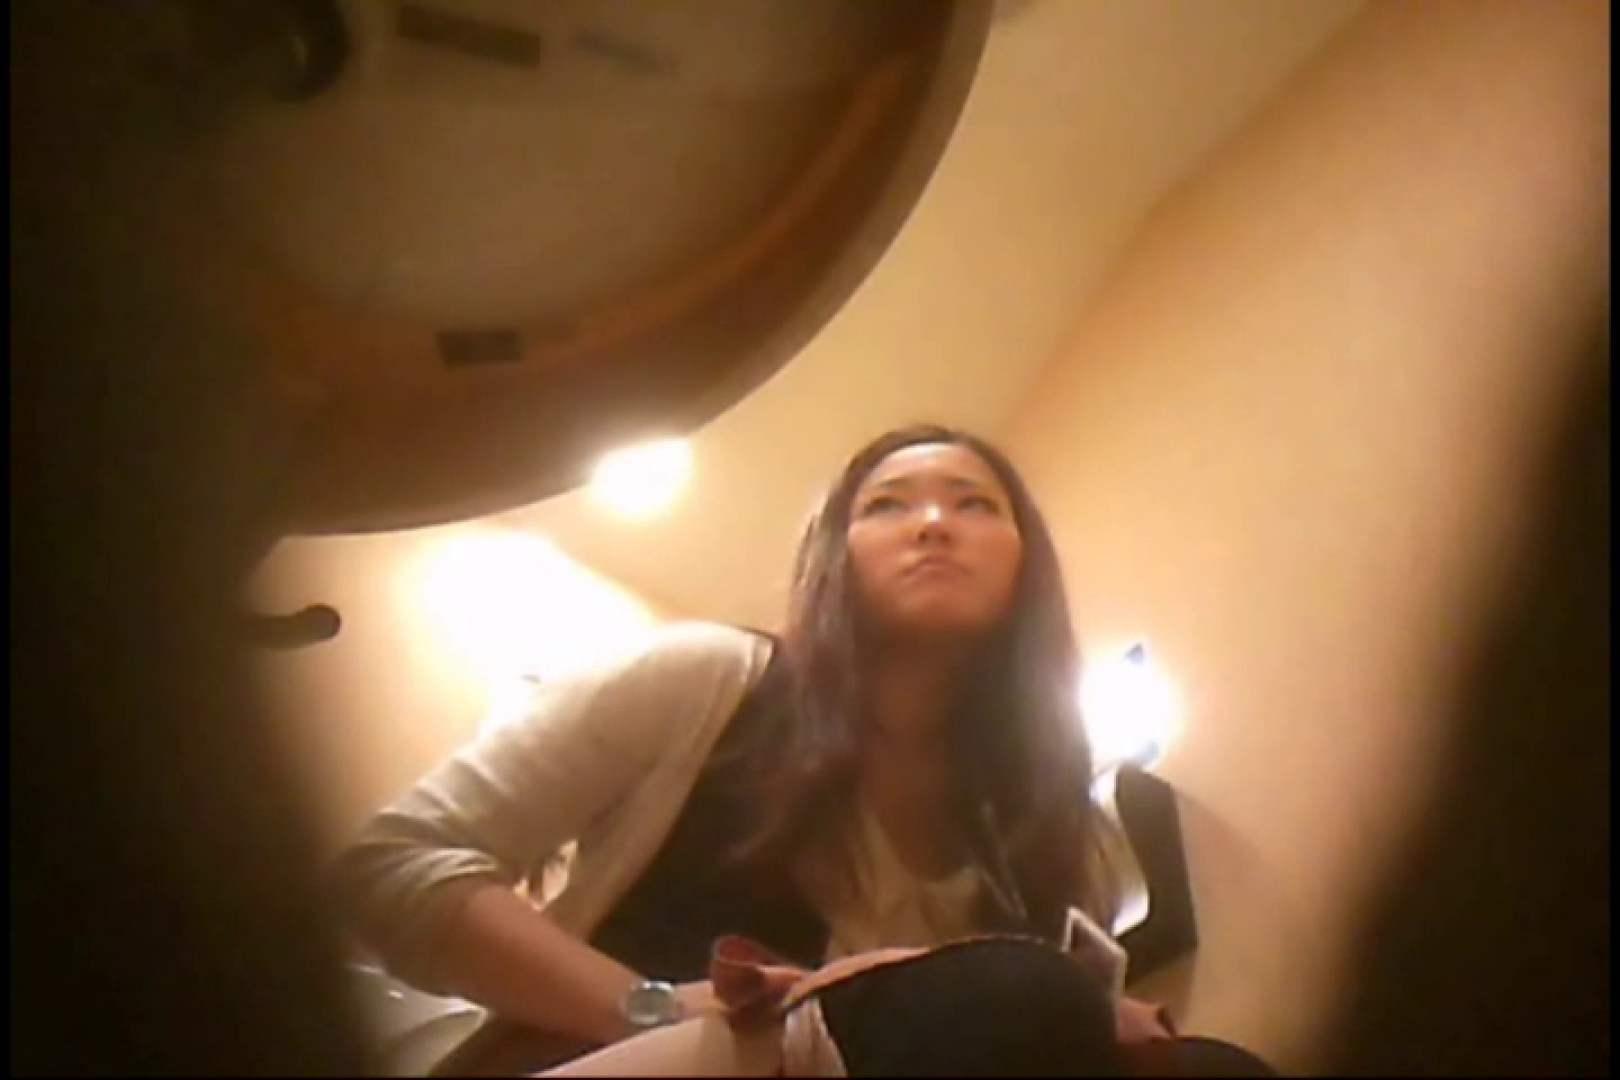 潜入!!女子化粧室盗撮~絶対見られたくない時間~vo,103 盗撮動画 | エロいお姉さん  11枚 1